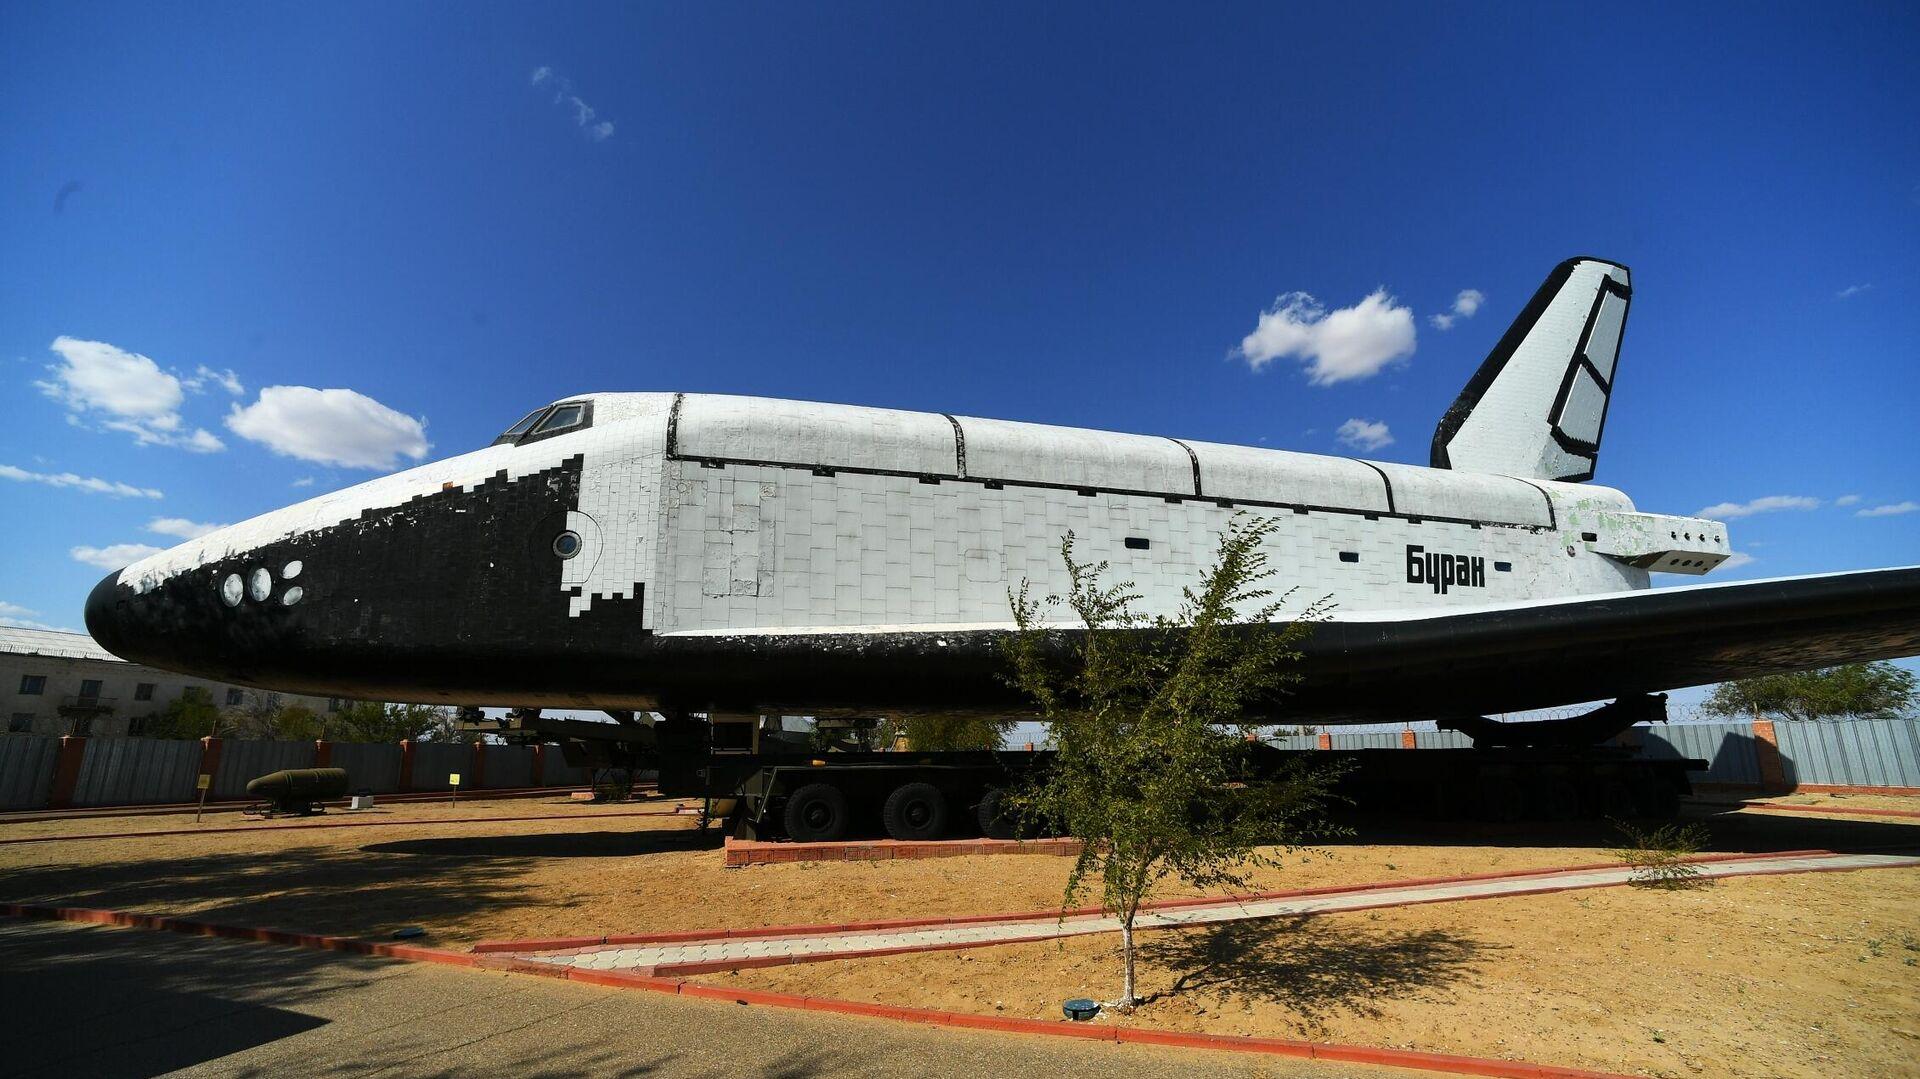 Космический корабль Буран в музее истории космодрома Байконур - РИА Новости, 1920, 24.03.2021